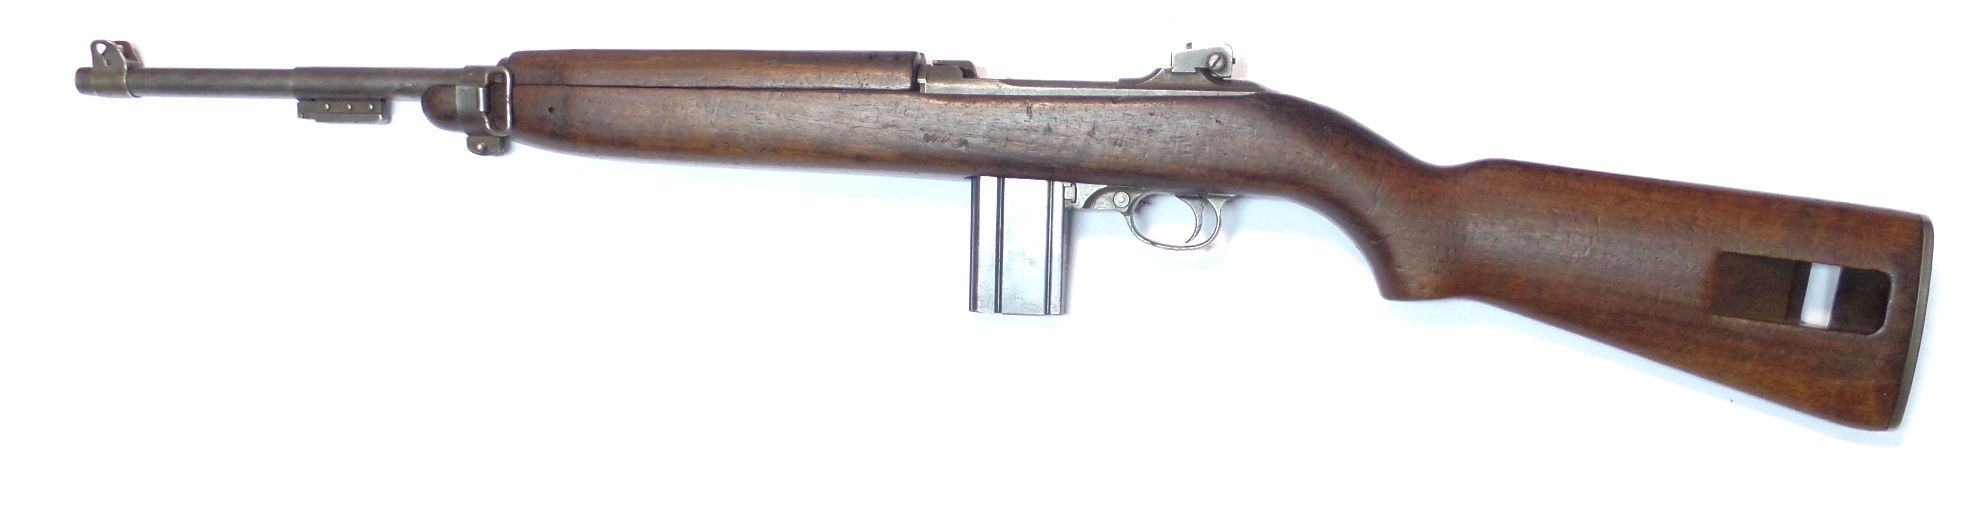 USM1 WINCHESTER calibre 30M1